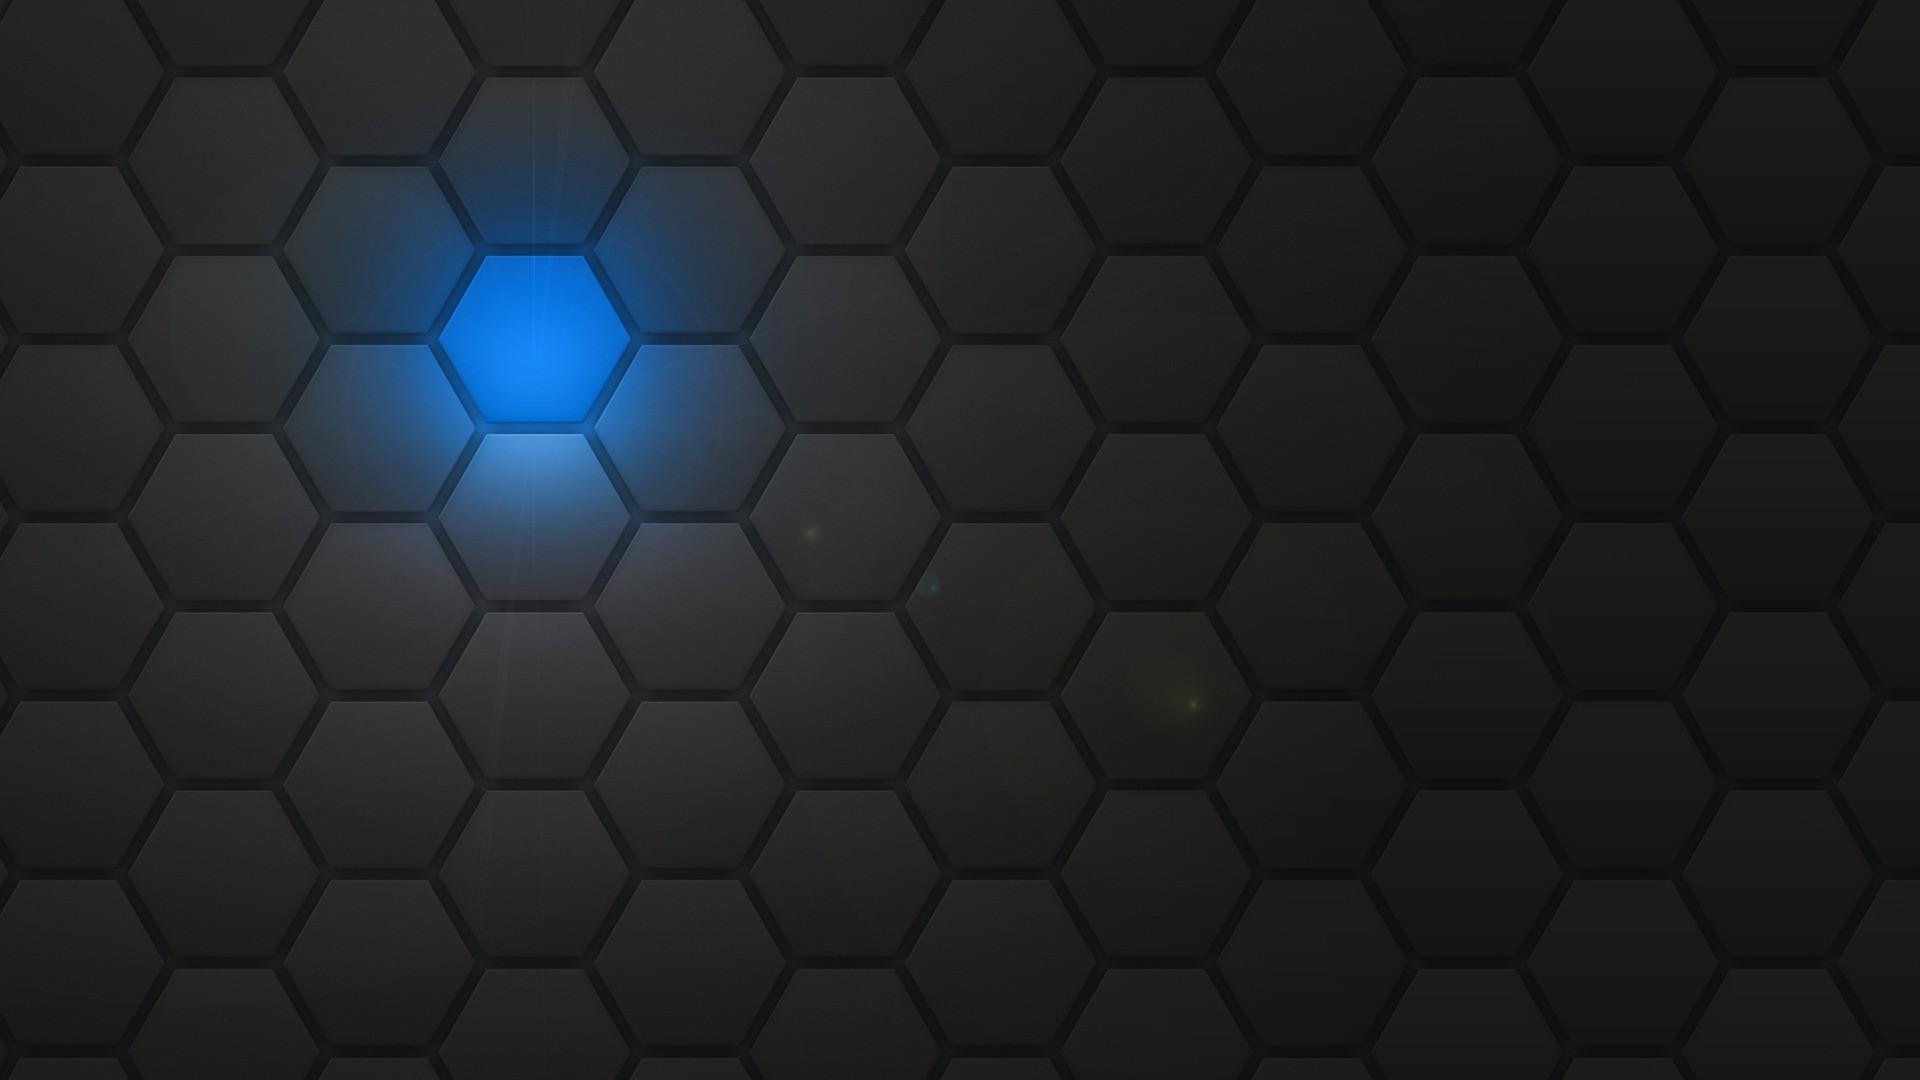 Hexagon Wallpaper Abstract 3D Wallpapers